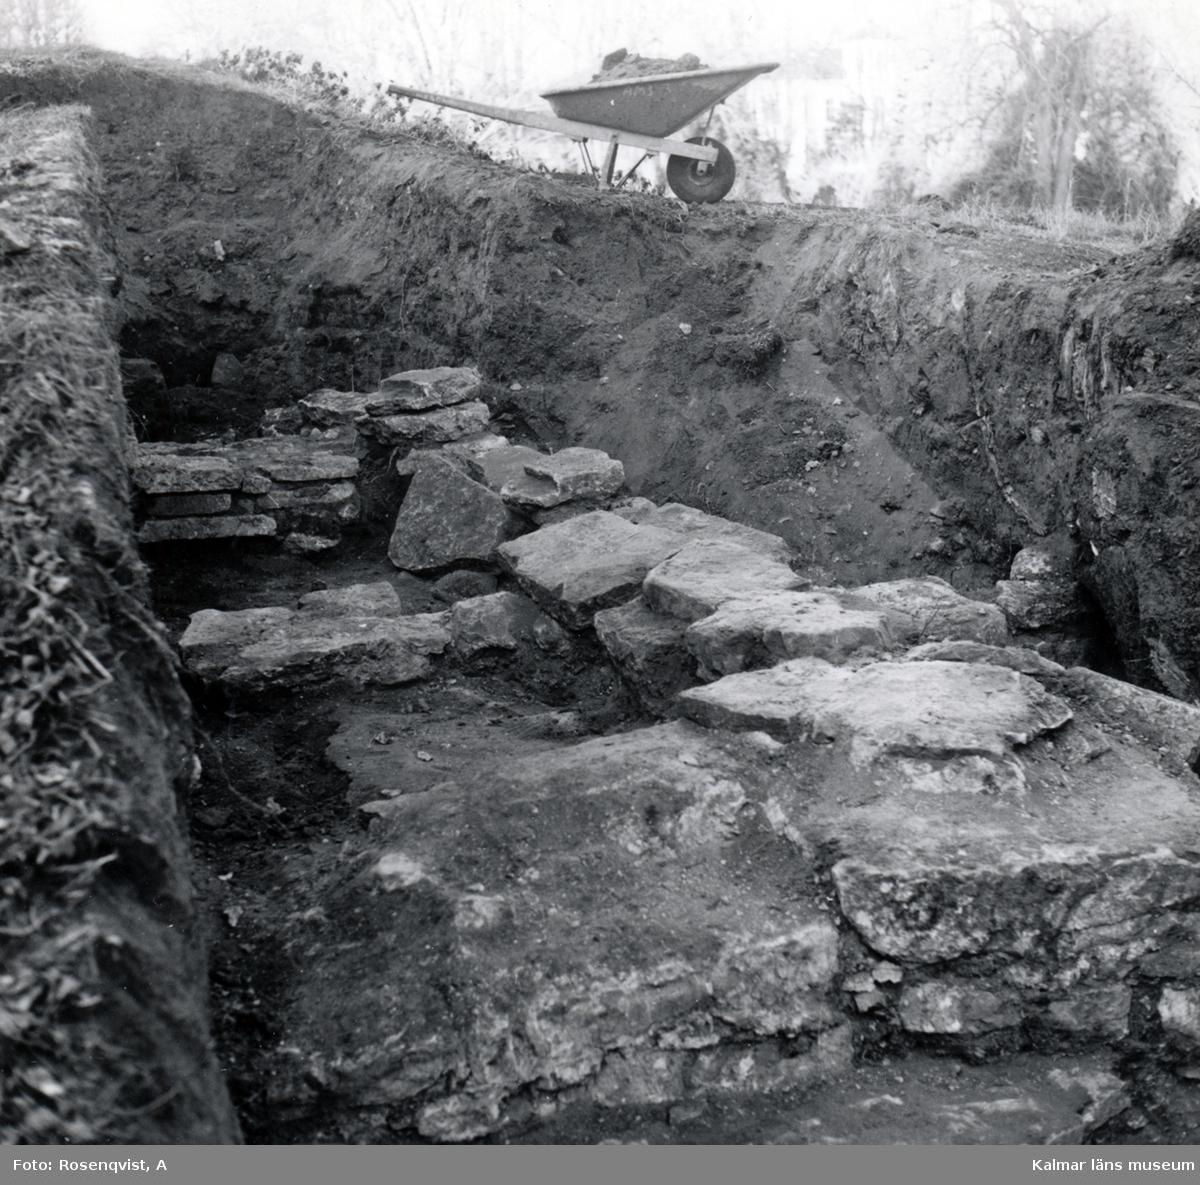 Utgrävning på Kalmar slott.  Grundrester väster om norra muren mot väster.  Rapporten: Krutkammaren, vallgraven, västra vallen och  brunnar.